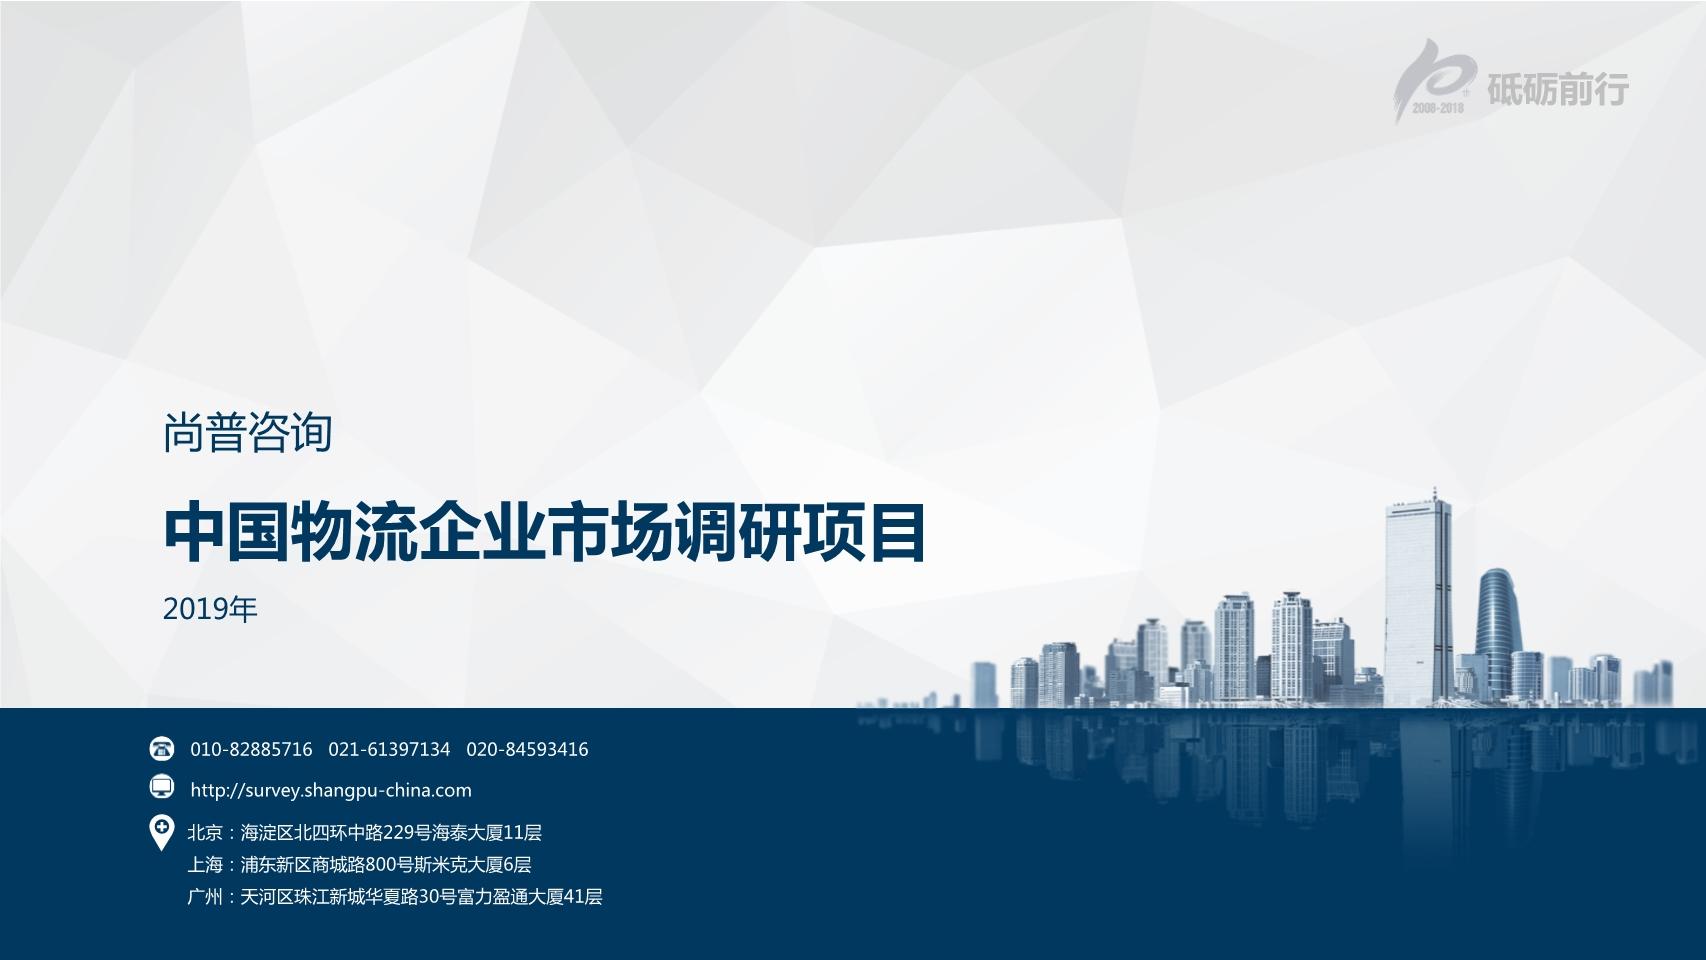 中国物流企业市场调研